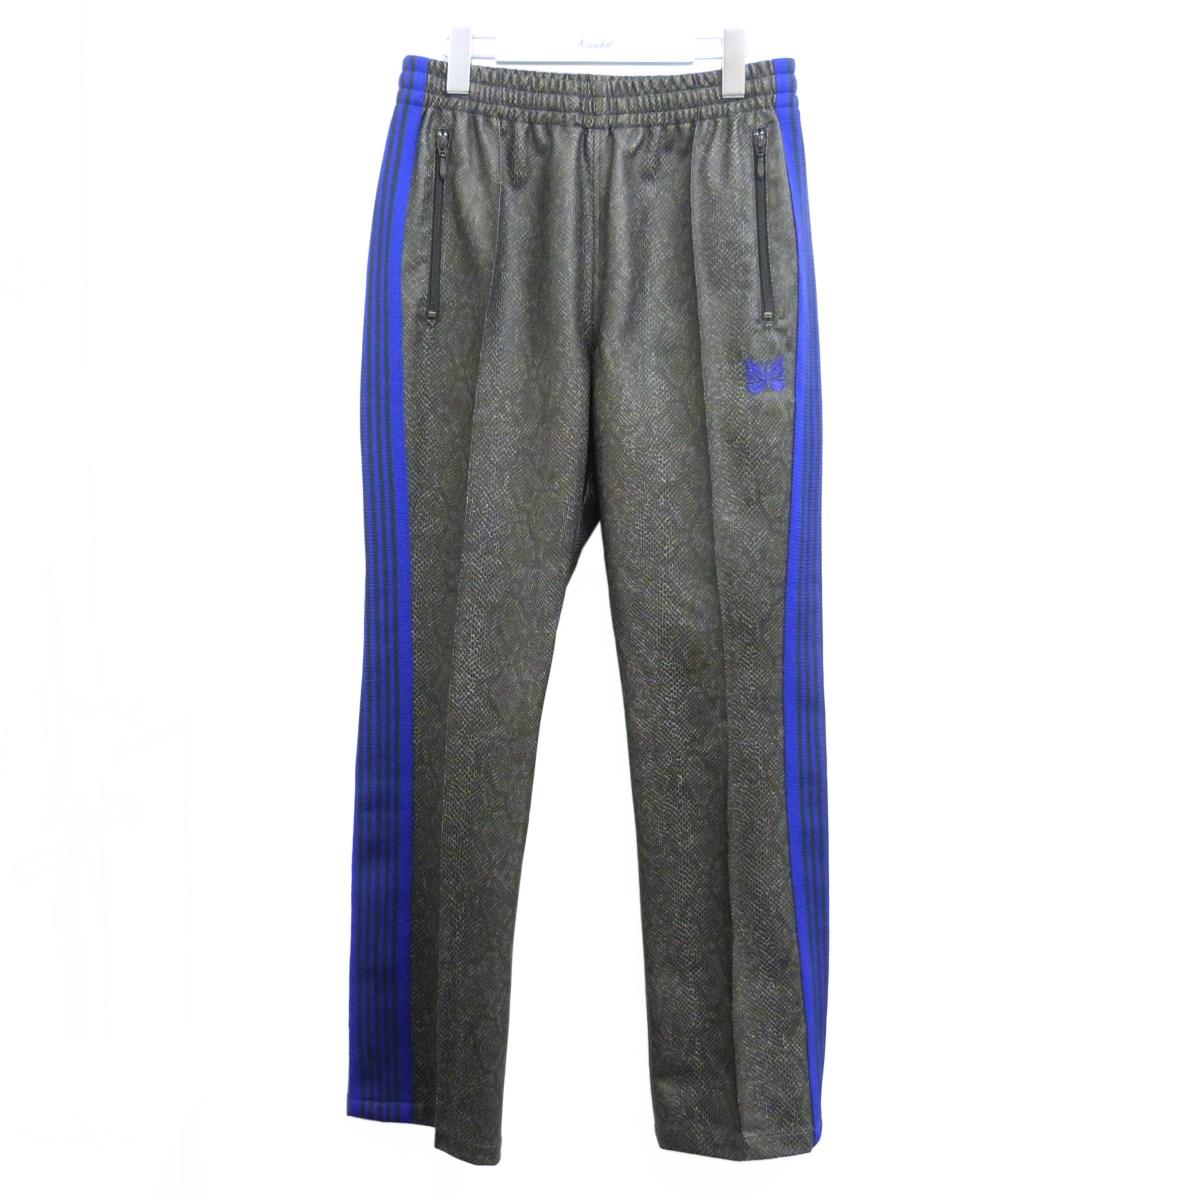 【中古】Needles 20SS「Synthetic Leather」トラックパンツ ダークグレー×パープル サイズ:S 【170720】(ニードルス)